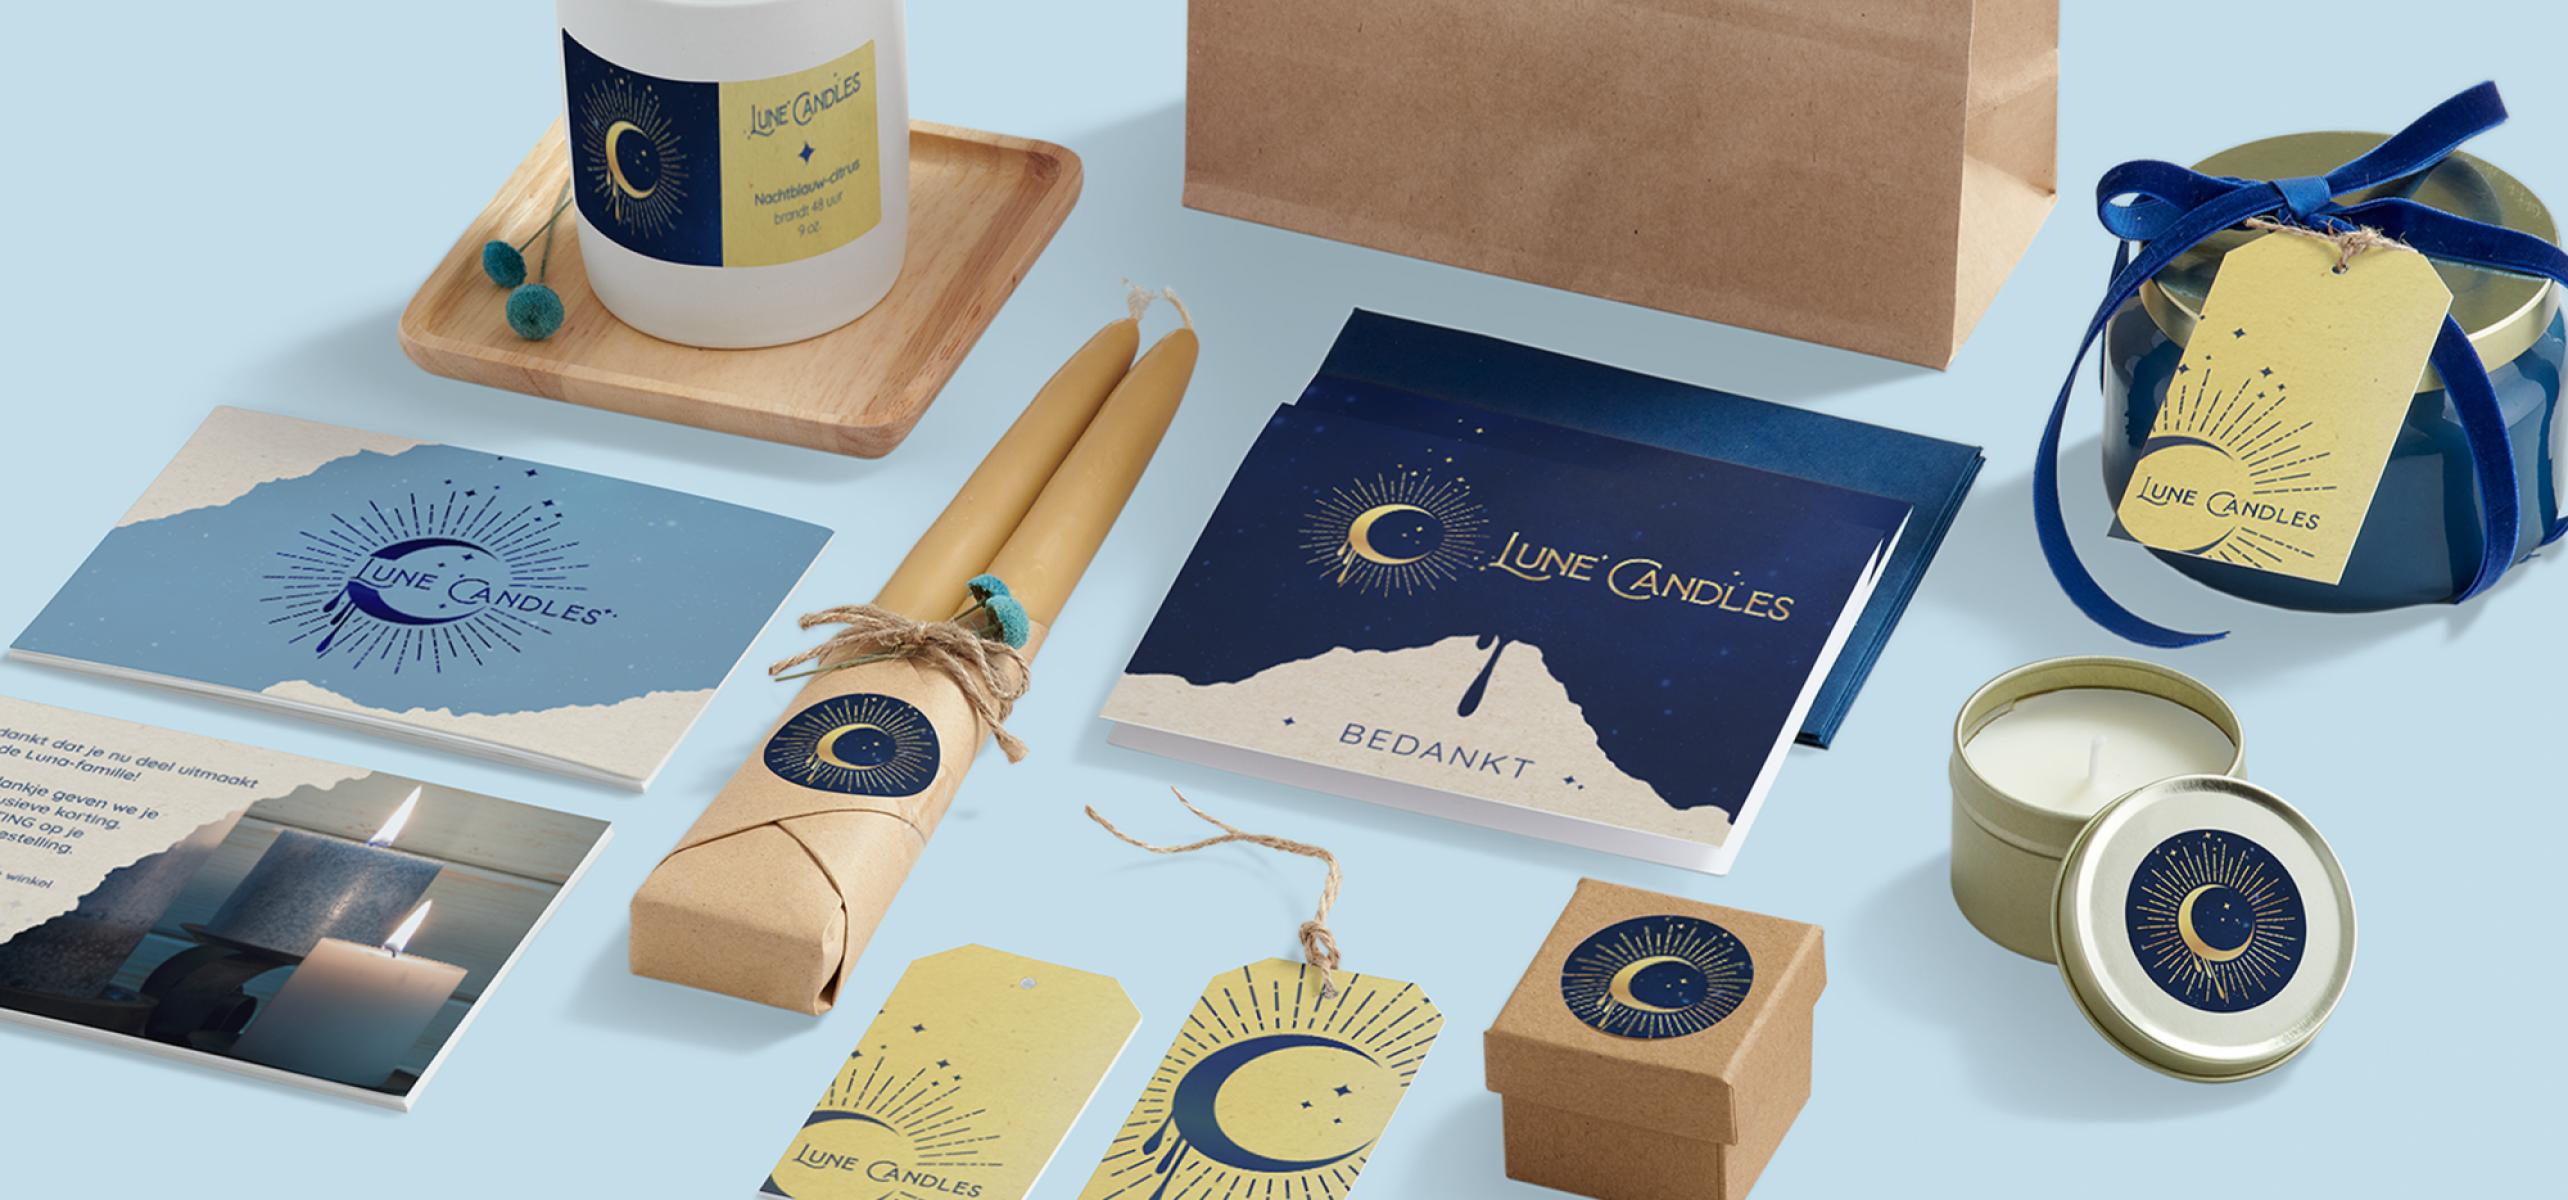 99 Days of Design win een nieuw logo vistaprint kleine ondernemer